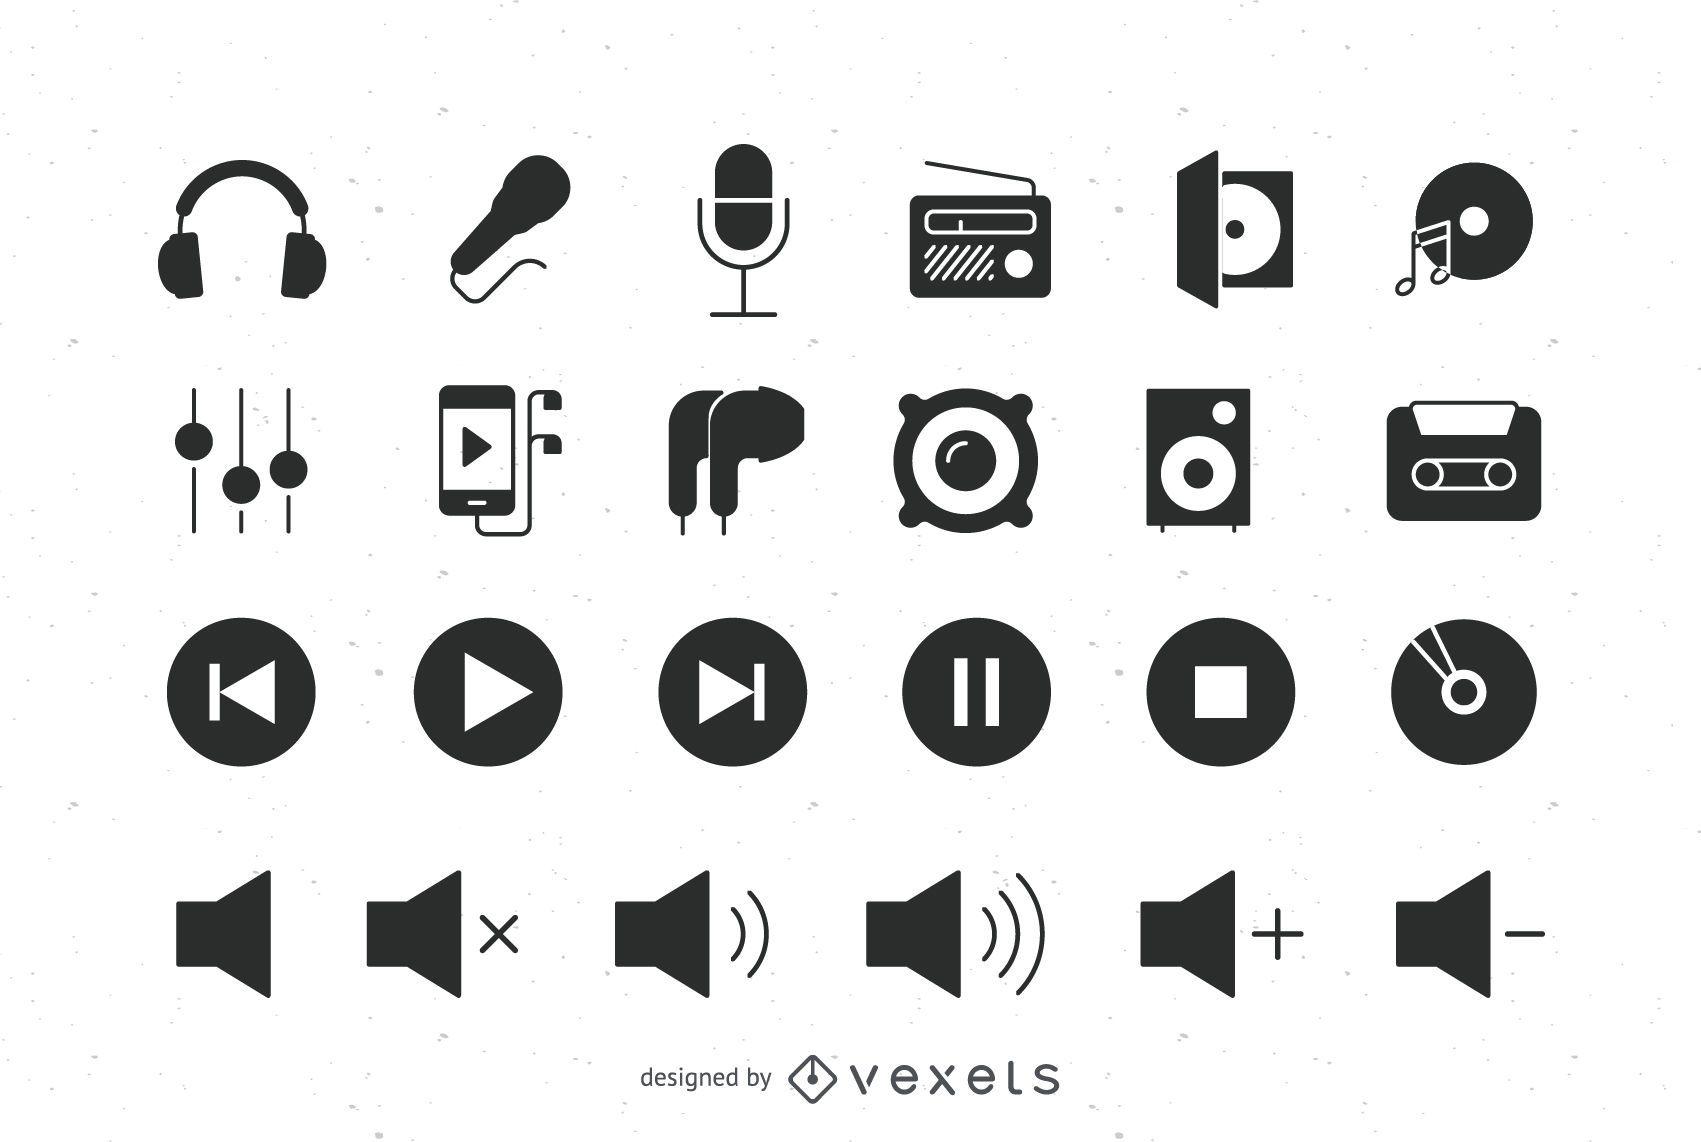 Conjunto de ícones planos de áudio